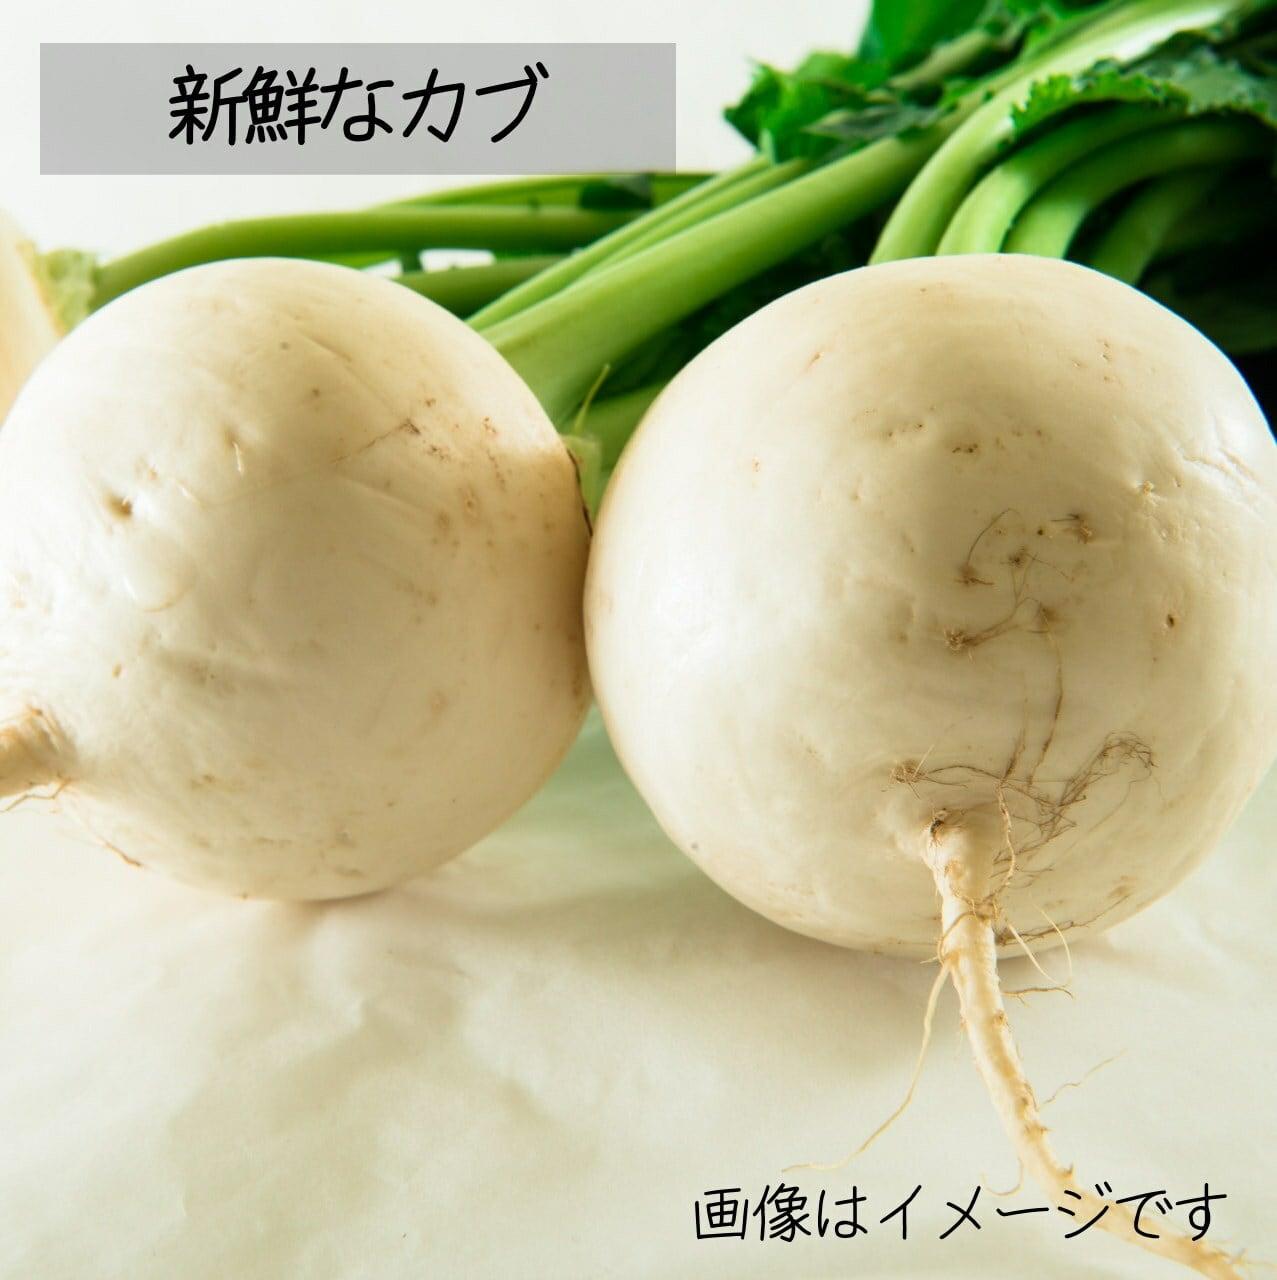 春の新鮮野菜 カブ 3~4個: 5月の朝採り直売野菜  5月29日発送予定